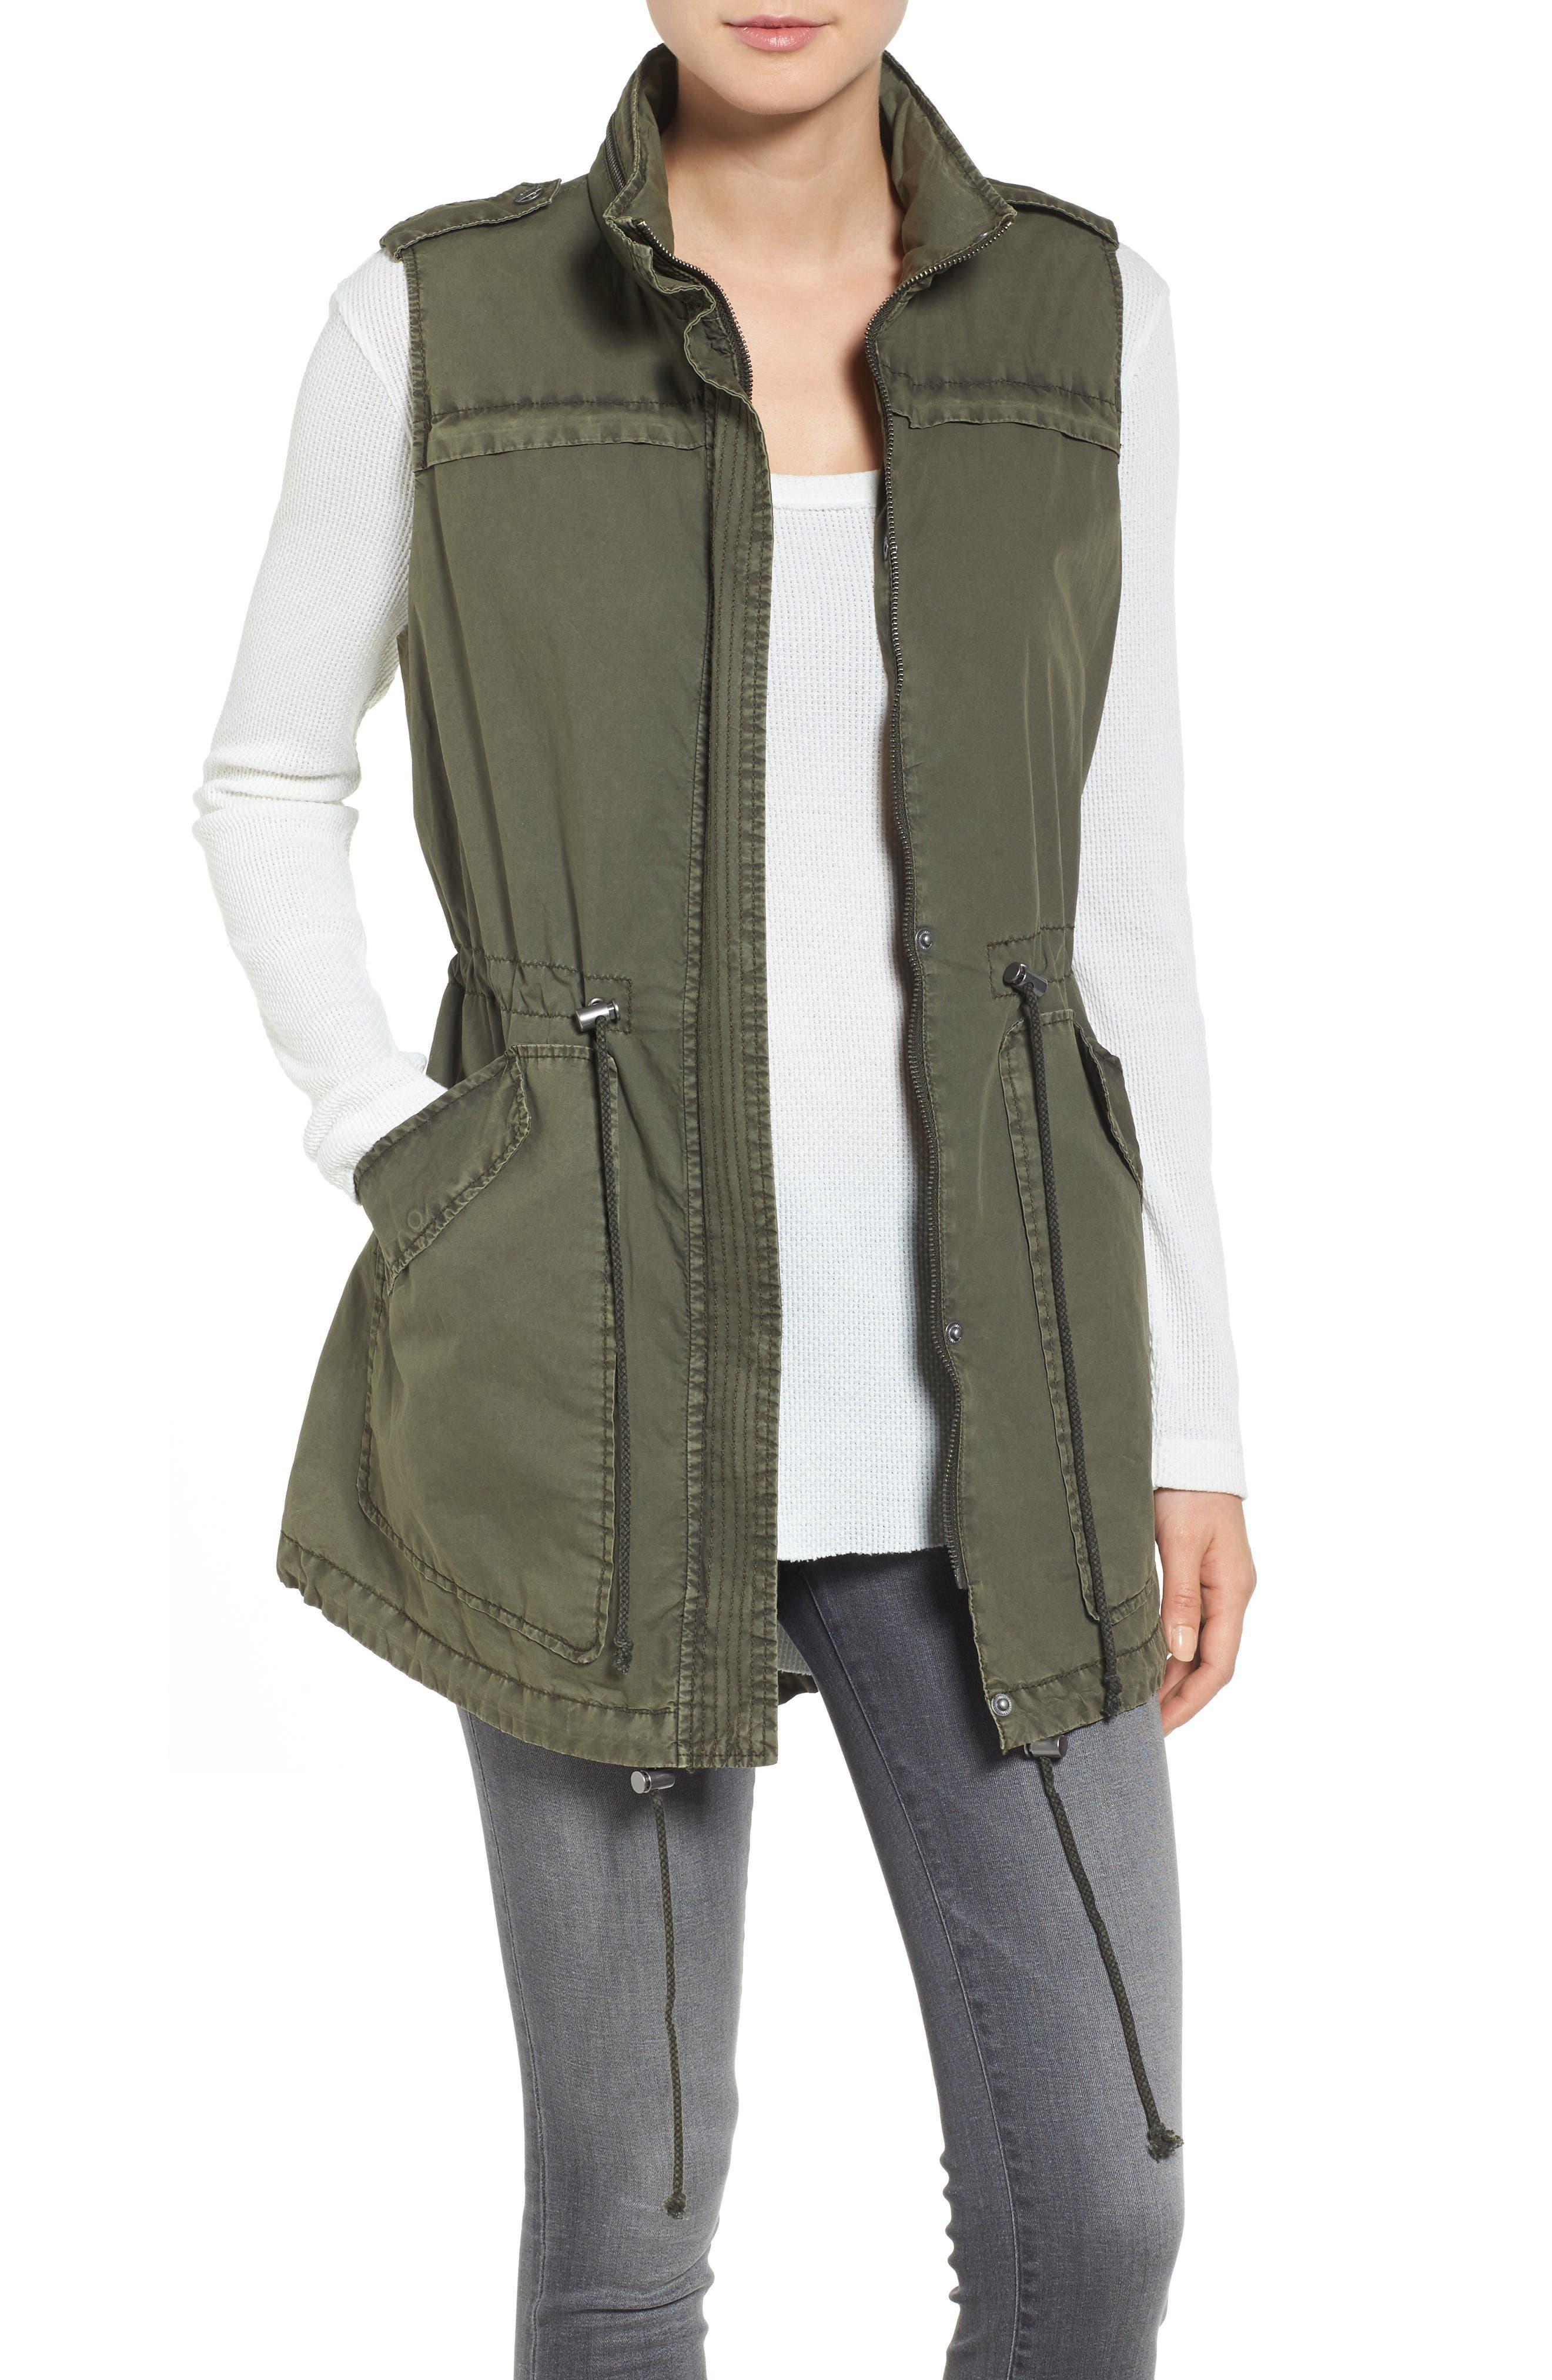 Levi's Parachute Cotton Vest,                         Main,                         color, Army Green